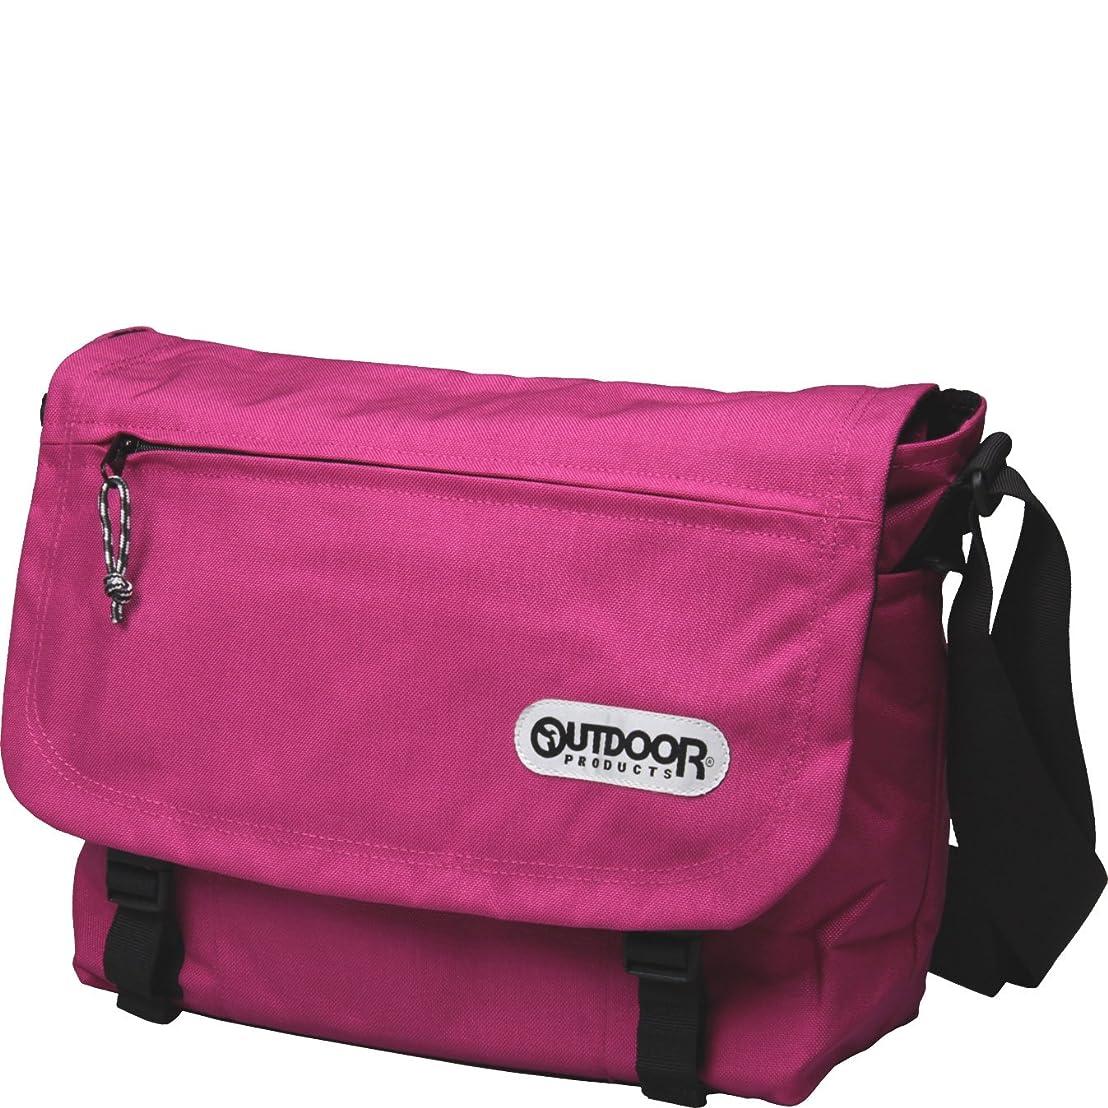 ゴールデン羊まとめるアウトドア/OUTDOOR PRODUCTS フラップショルダーバッグ 62031/ピンク